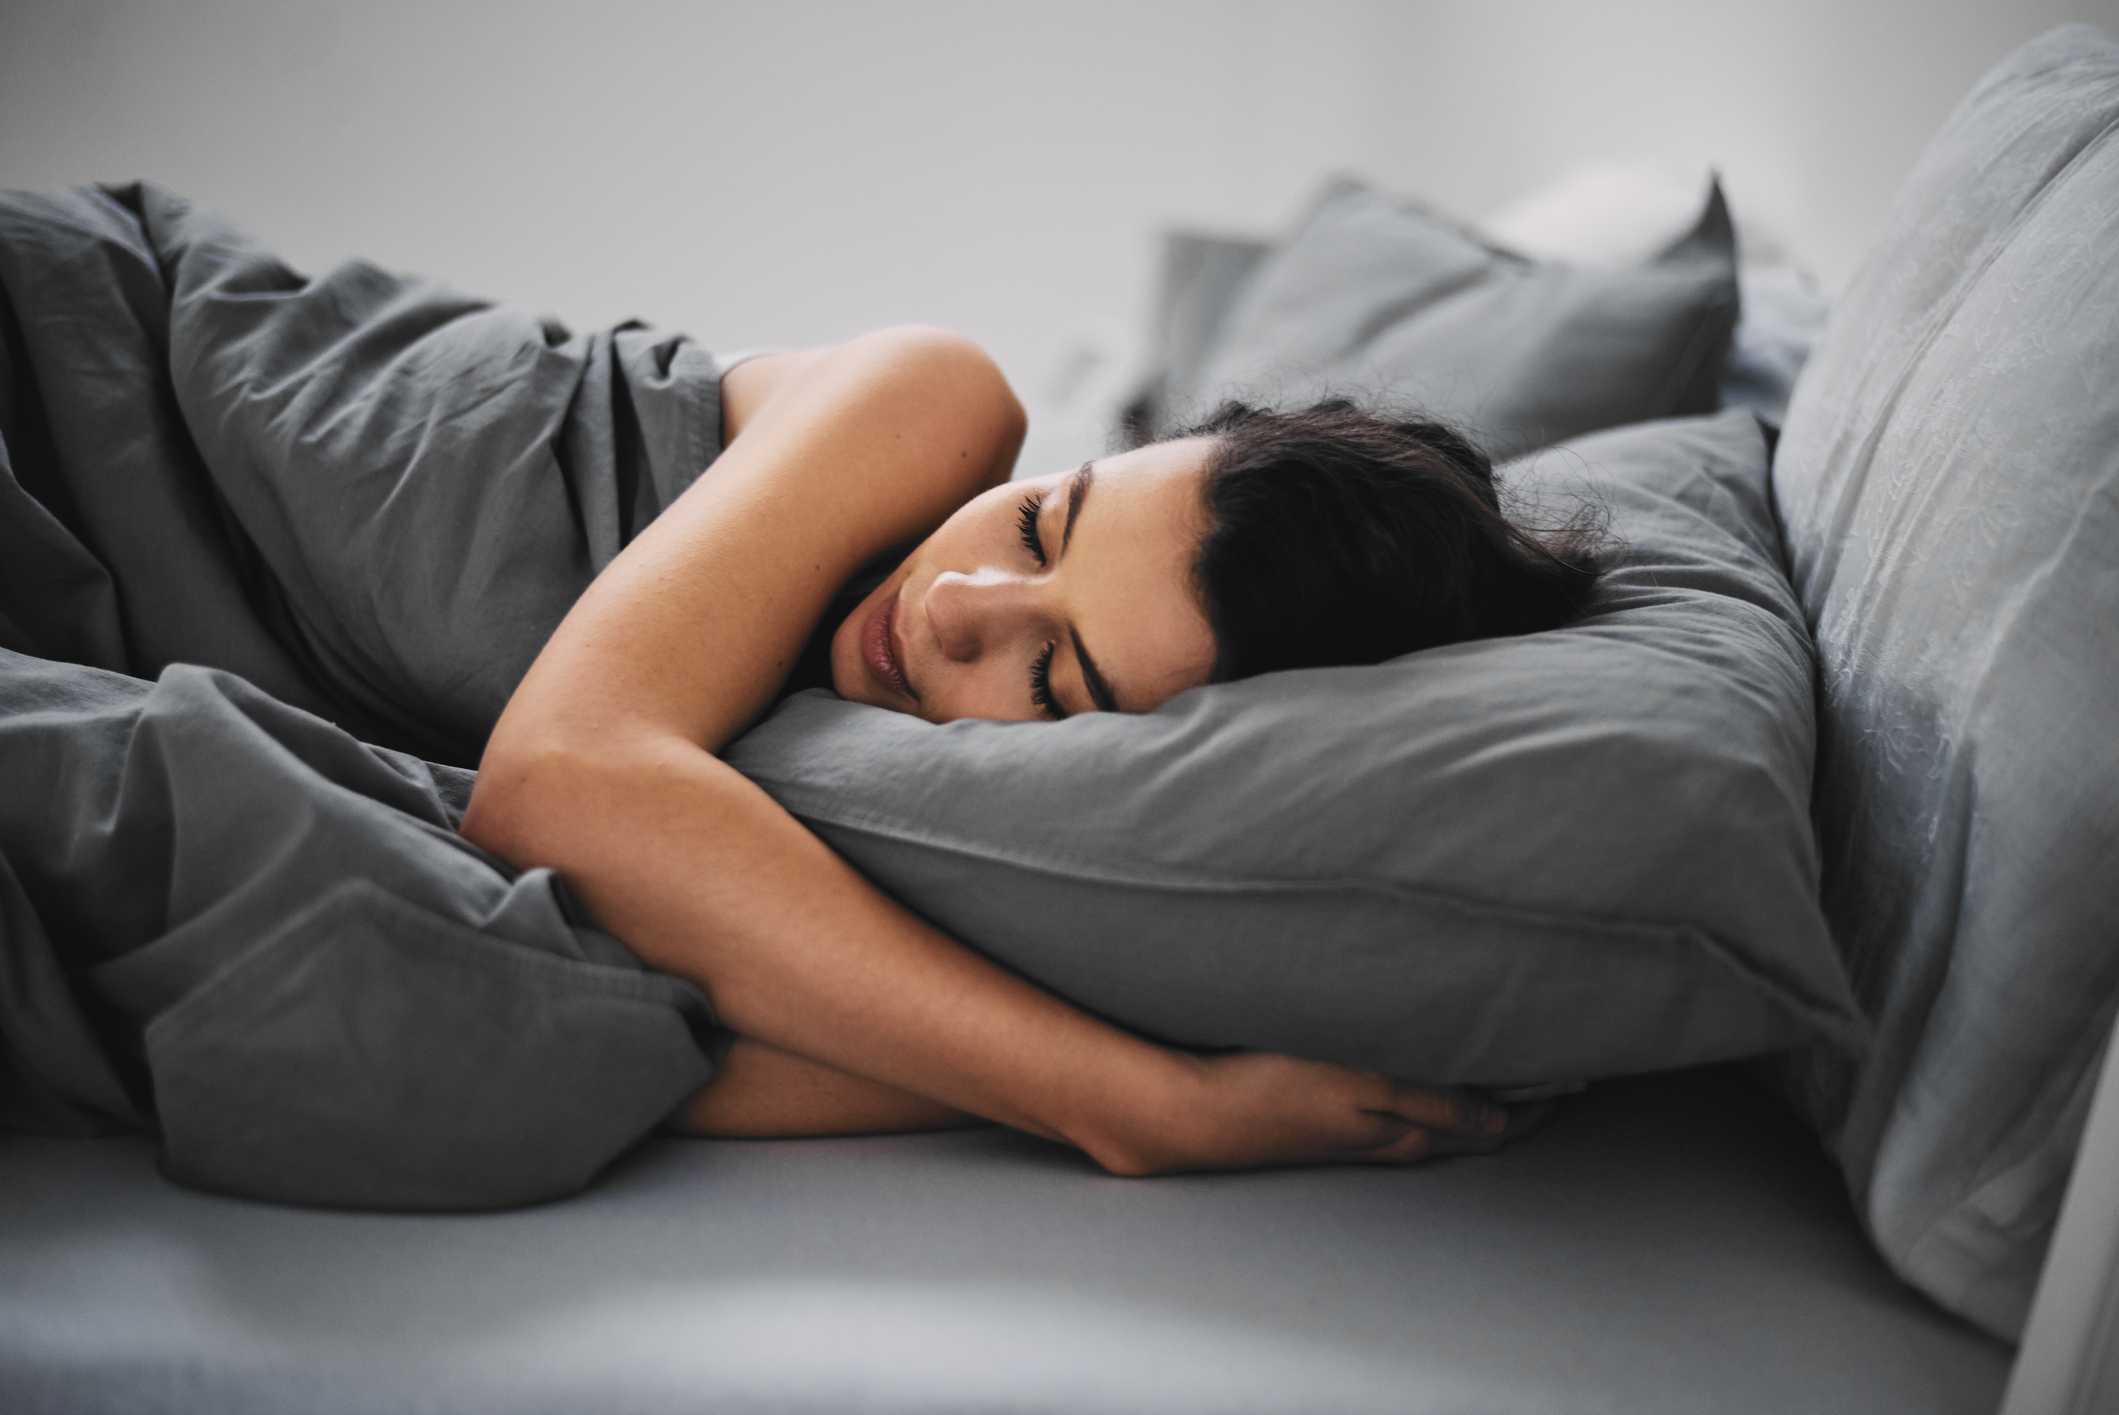 Άπνοια Ύπνου: Ποια είναι τα συμπτώματα και ποιοι κινδυνεύουν